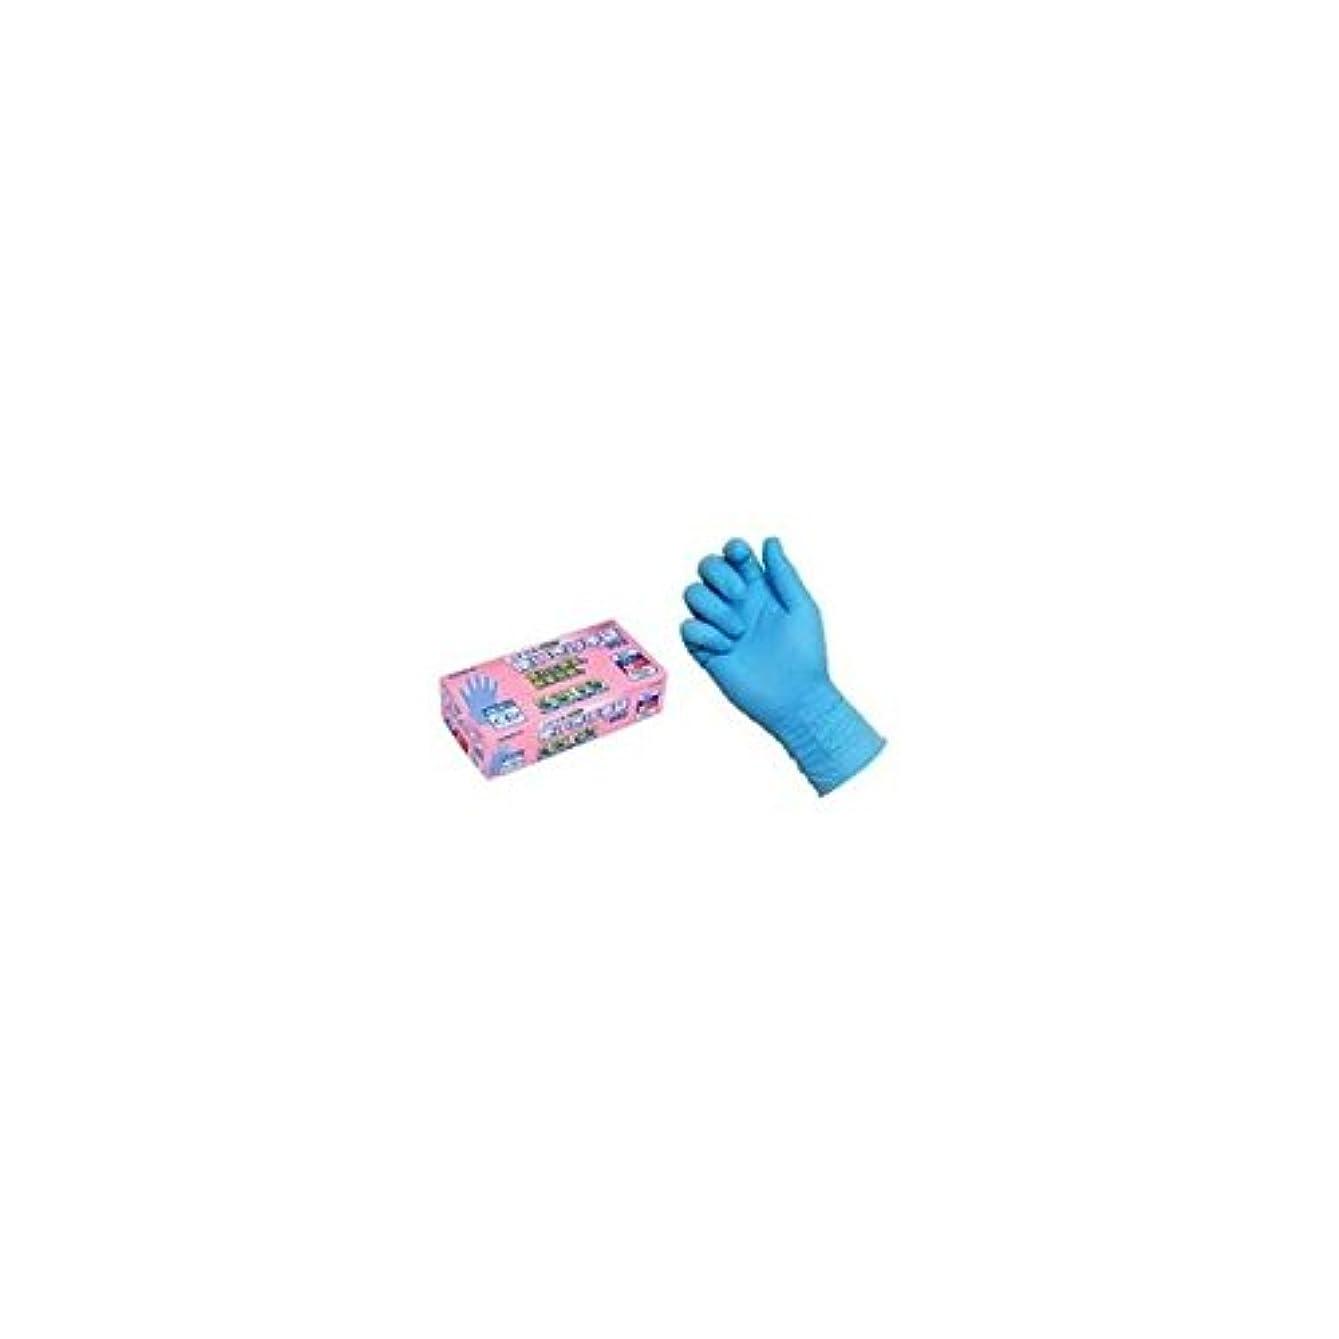 出席楽観柔らかい足ニトリル使いきり手袋 PF NO.992 M ブルー エステー 【商品CD】ST4779